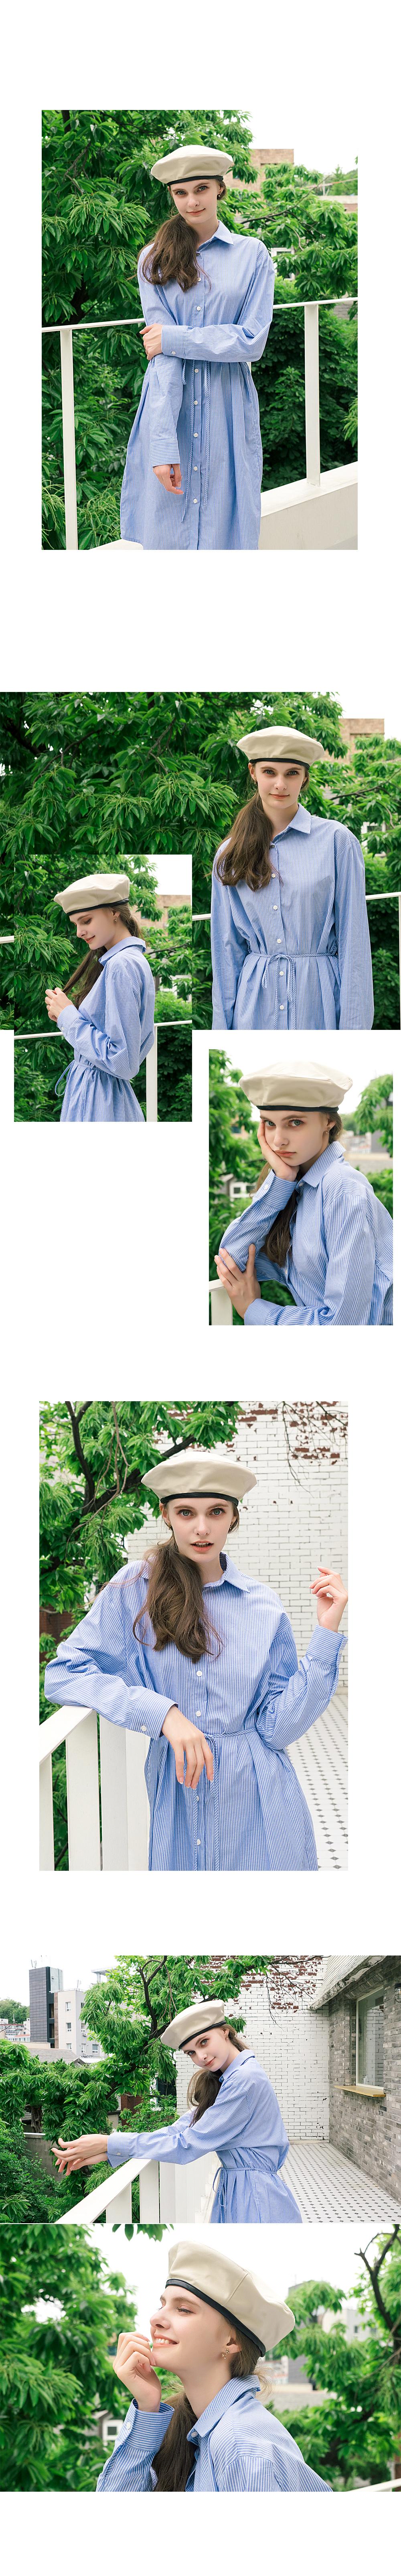 마네스(MANES) 릴 베레모 (3color)